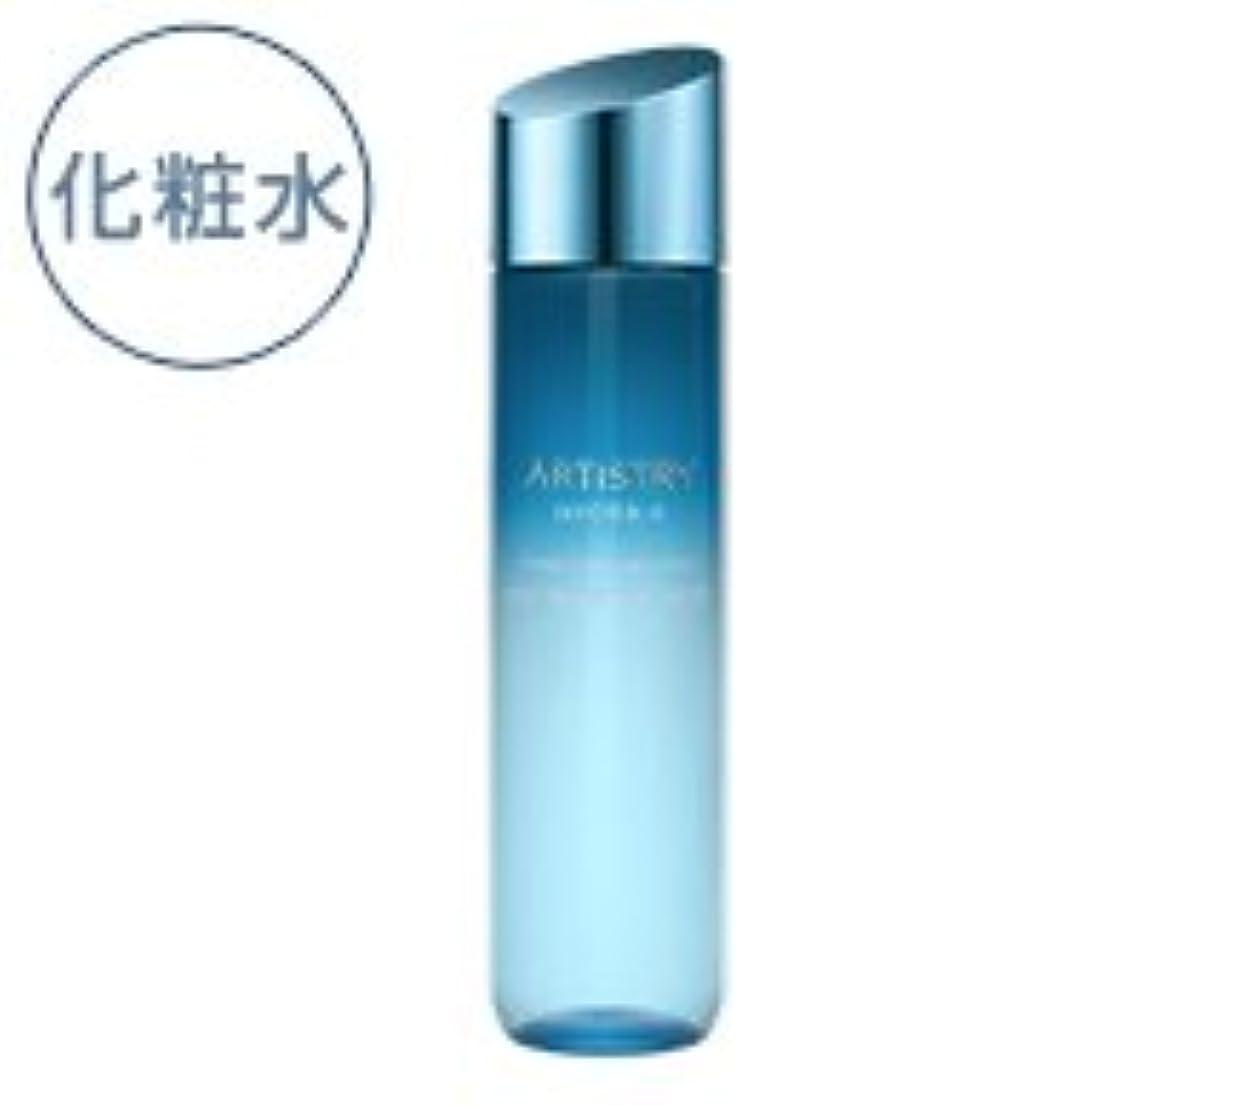 人気の睡眠能力アムウェイ(Amway) 化粧水 アーティストリー ハイドラ アクア スキン ローション 200ml 保湿 乾燥 約1~1.5カ月に1本